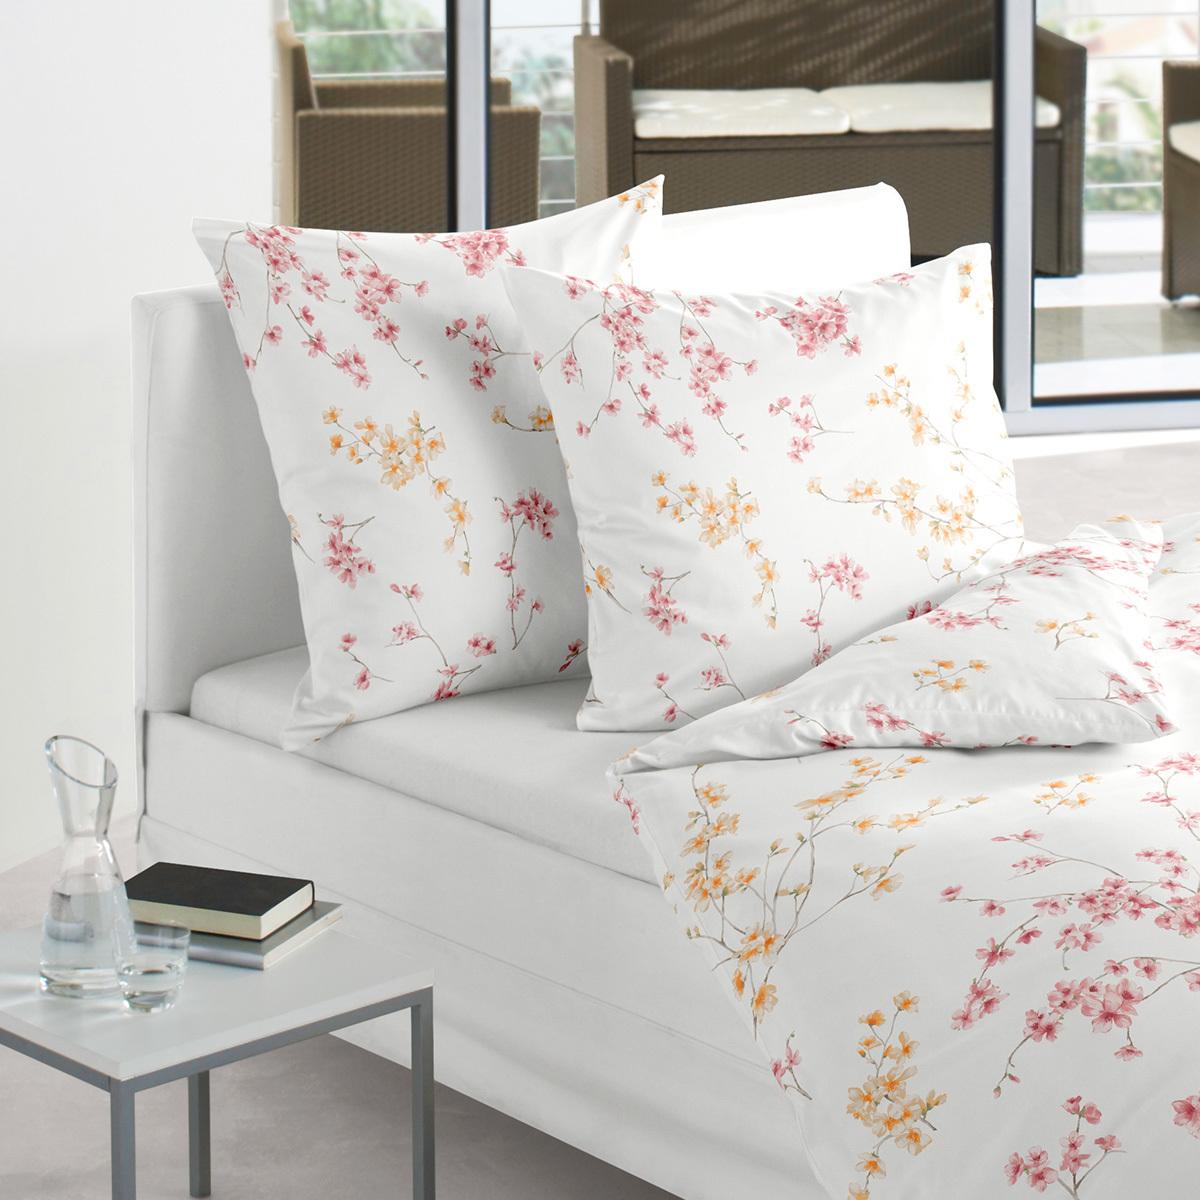 irisette jersey bettw sche luna 8682 60 g nstig online. Black Bedroom Furniture Sets. Home Design Ideas